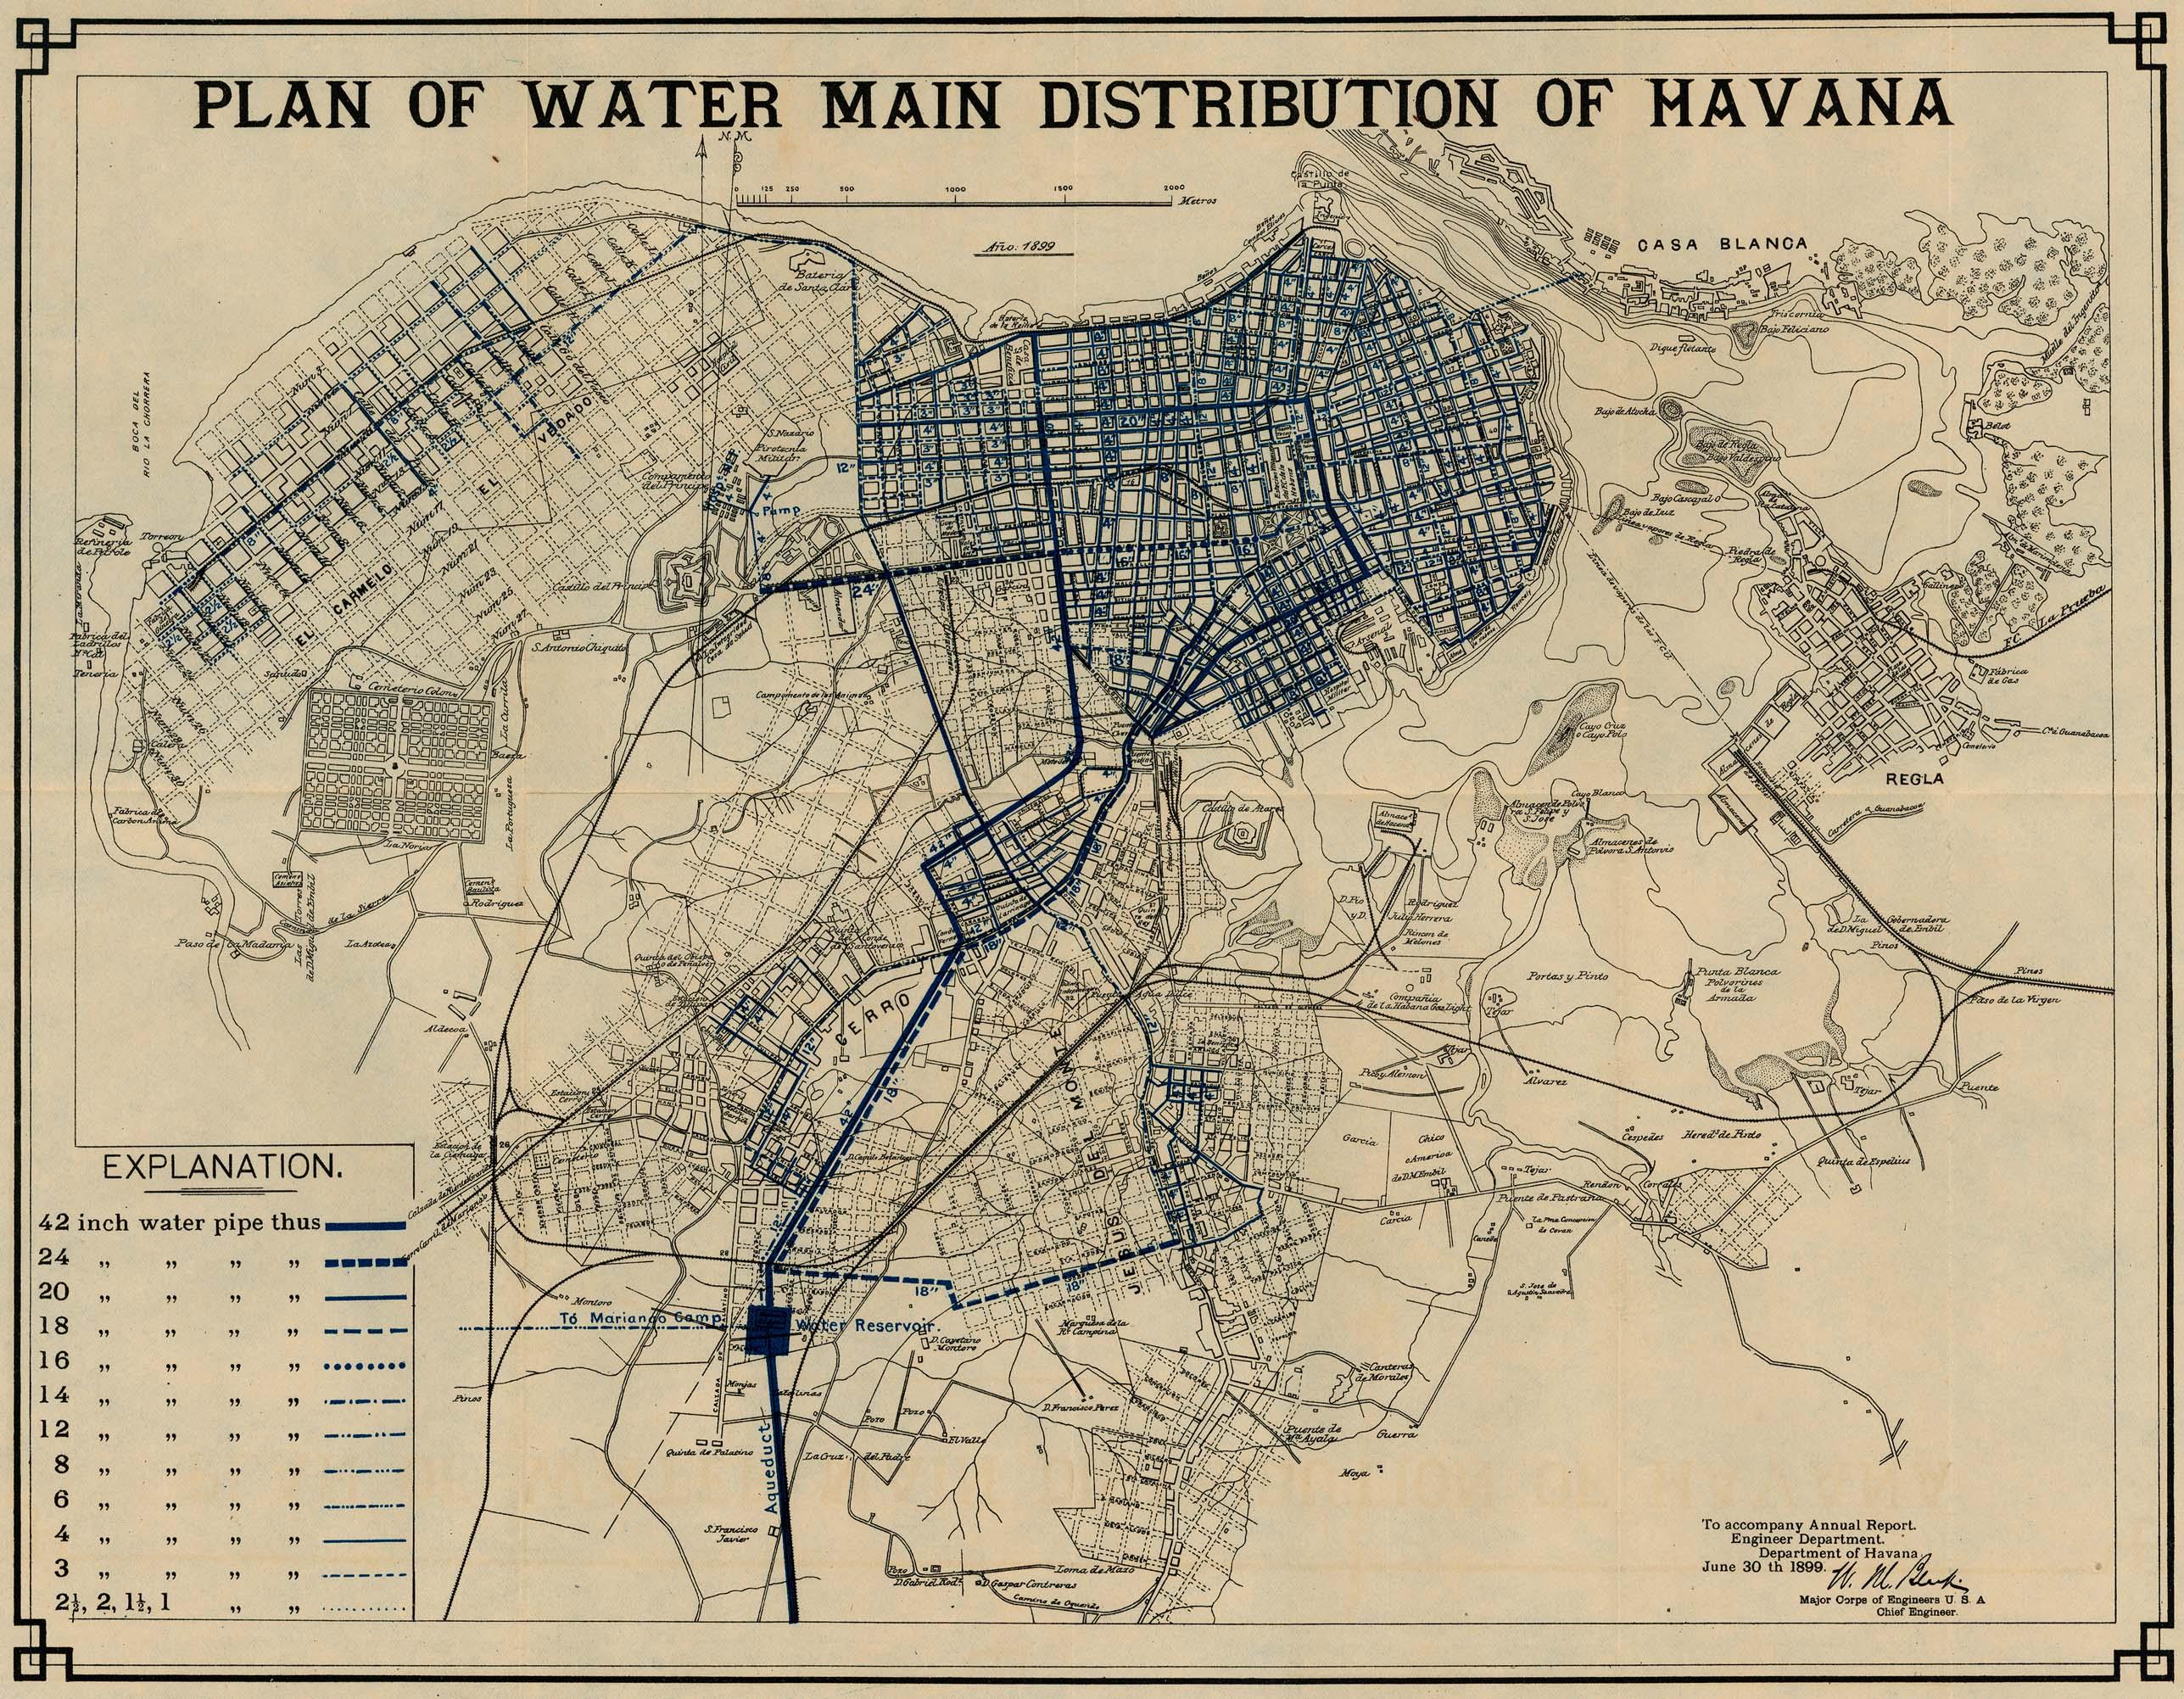 Plano de Distribución de Agua de la Ciudad de La Havana, Cuba 1899